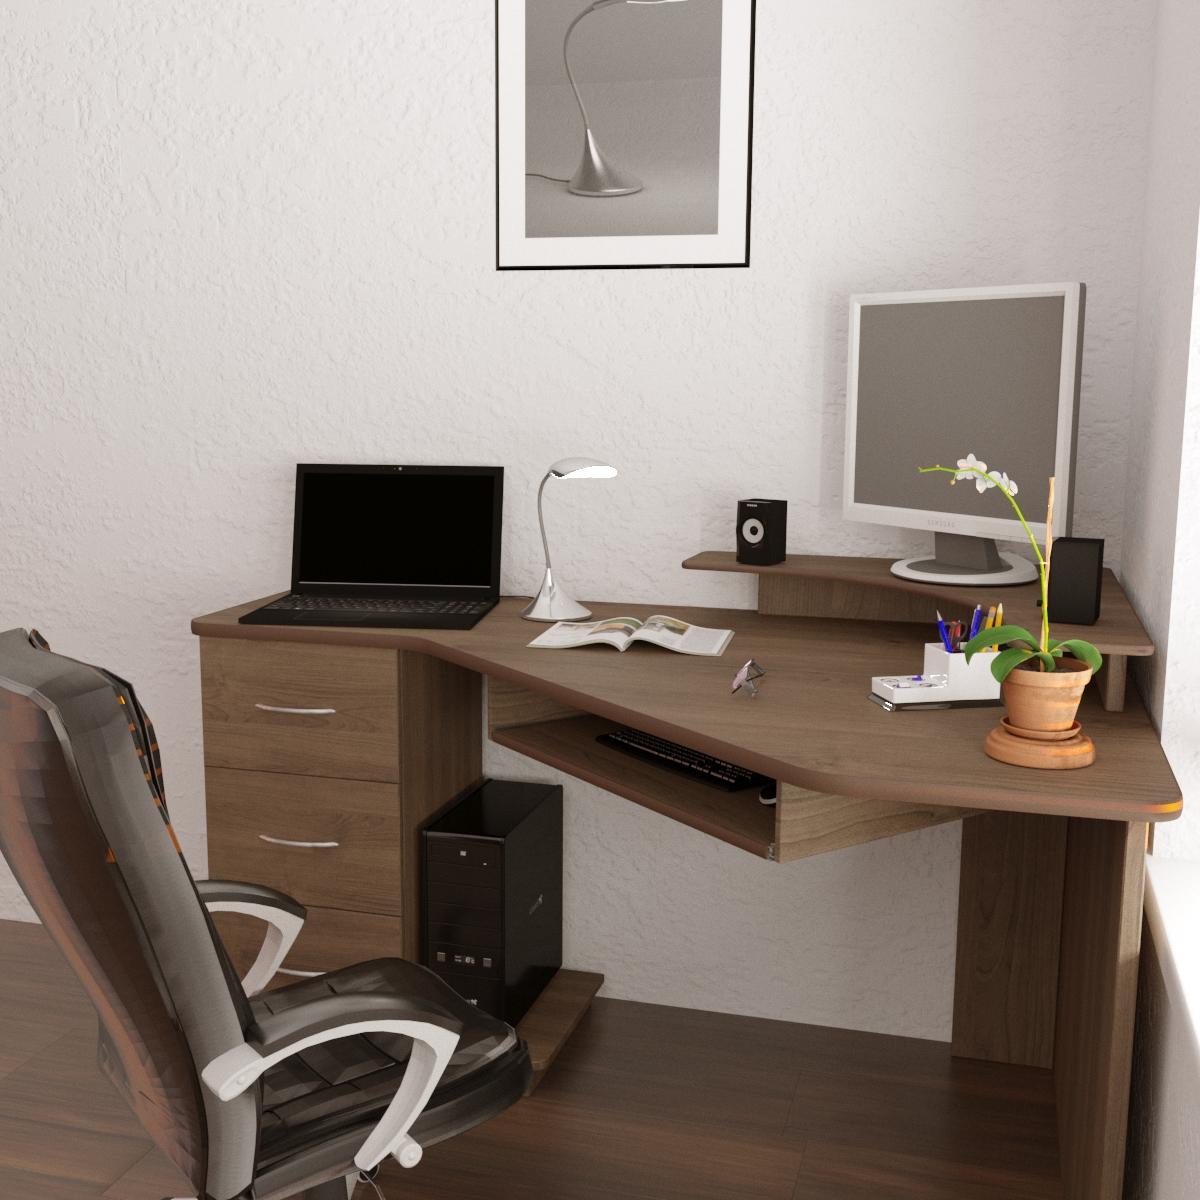 Computer desk in 3d max corona render image